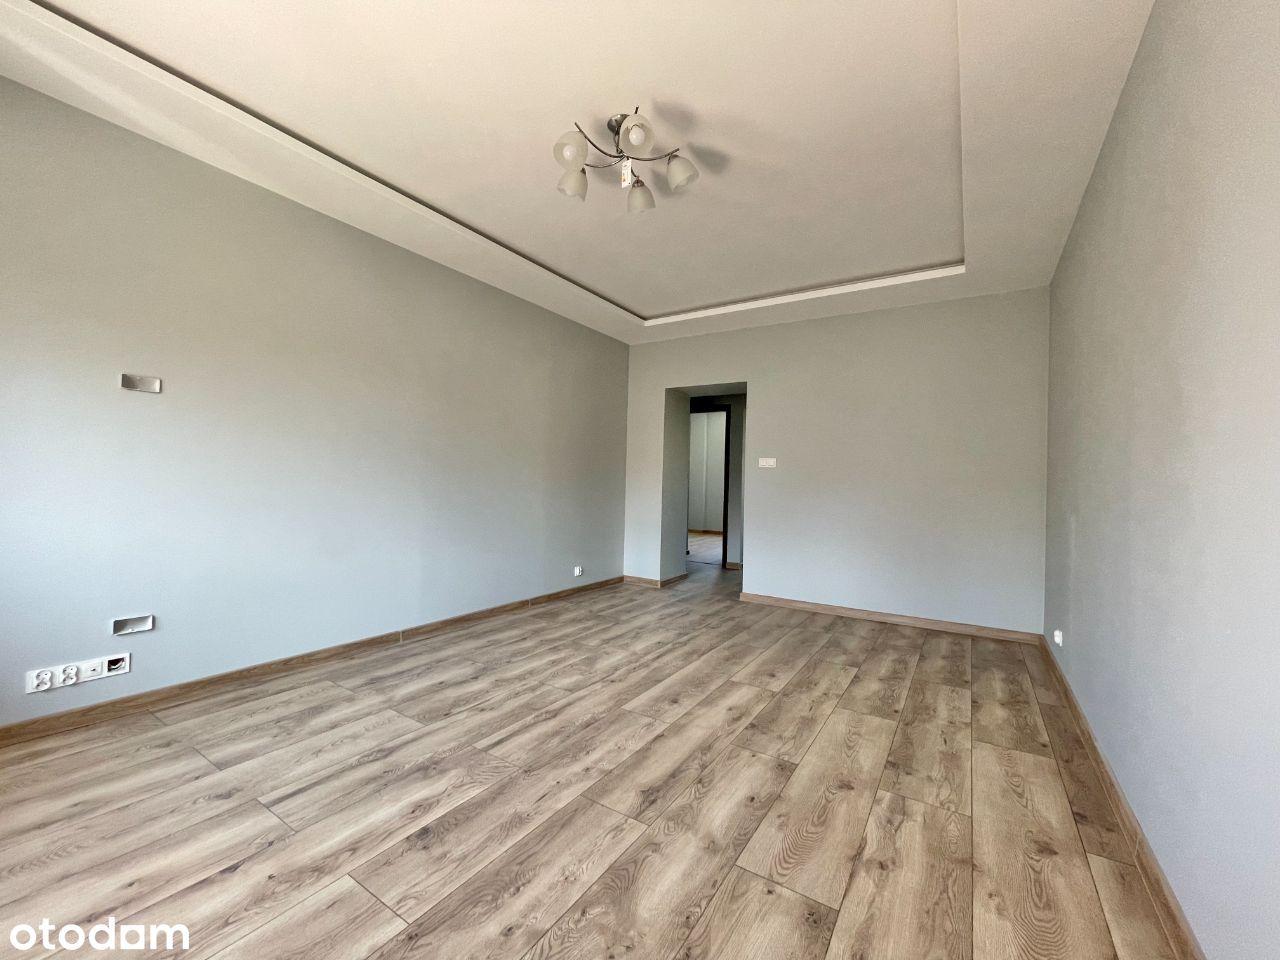 Mieszkanie dwupokojowe ul. Bodzentyńska